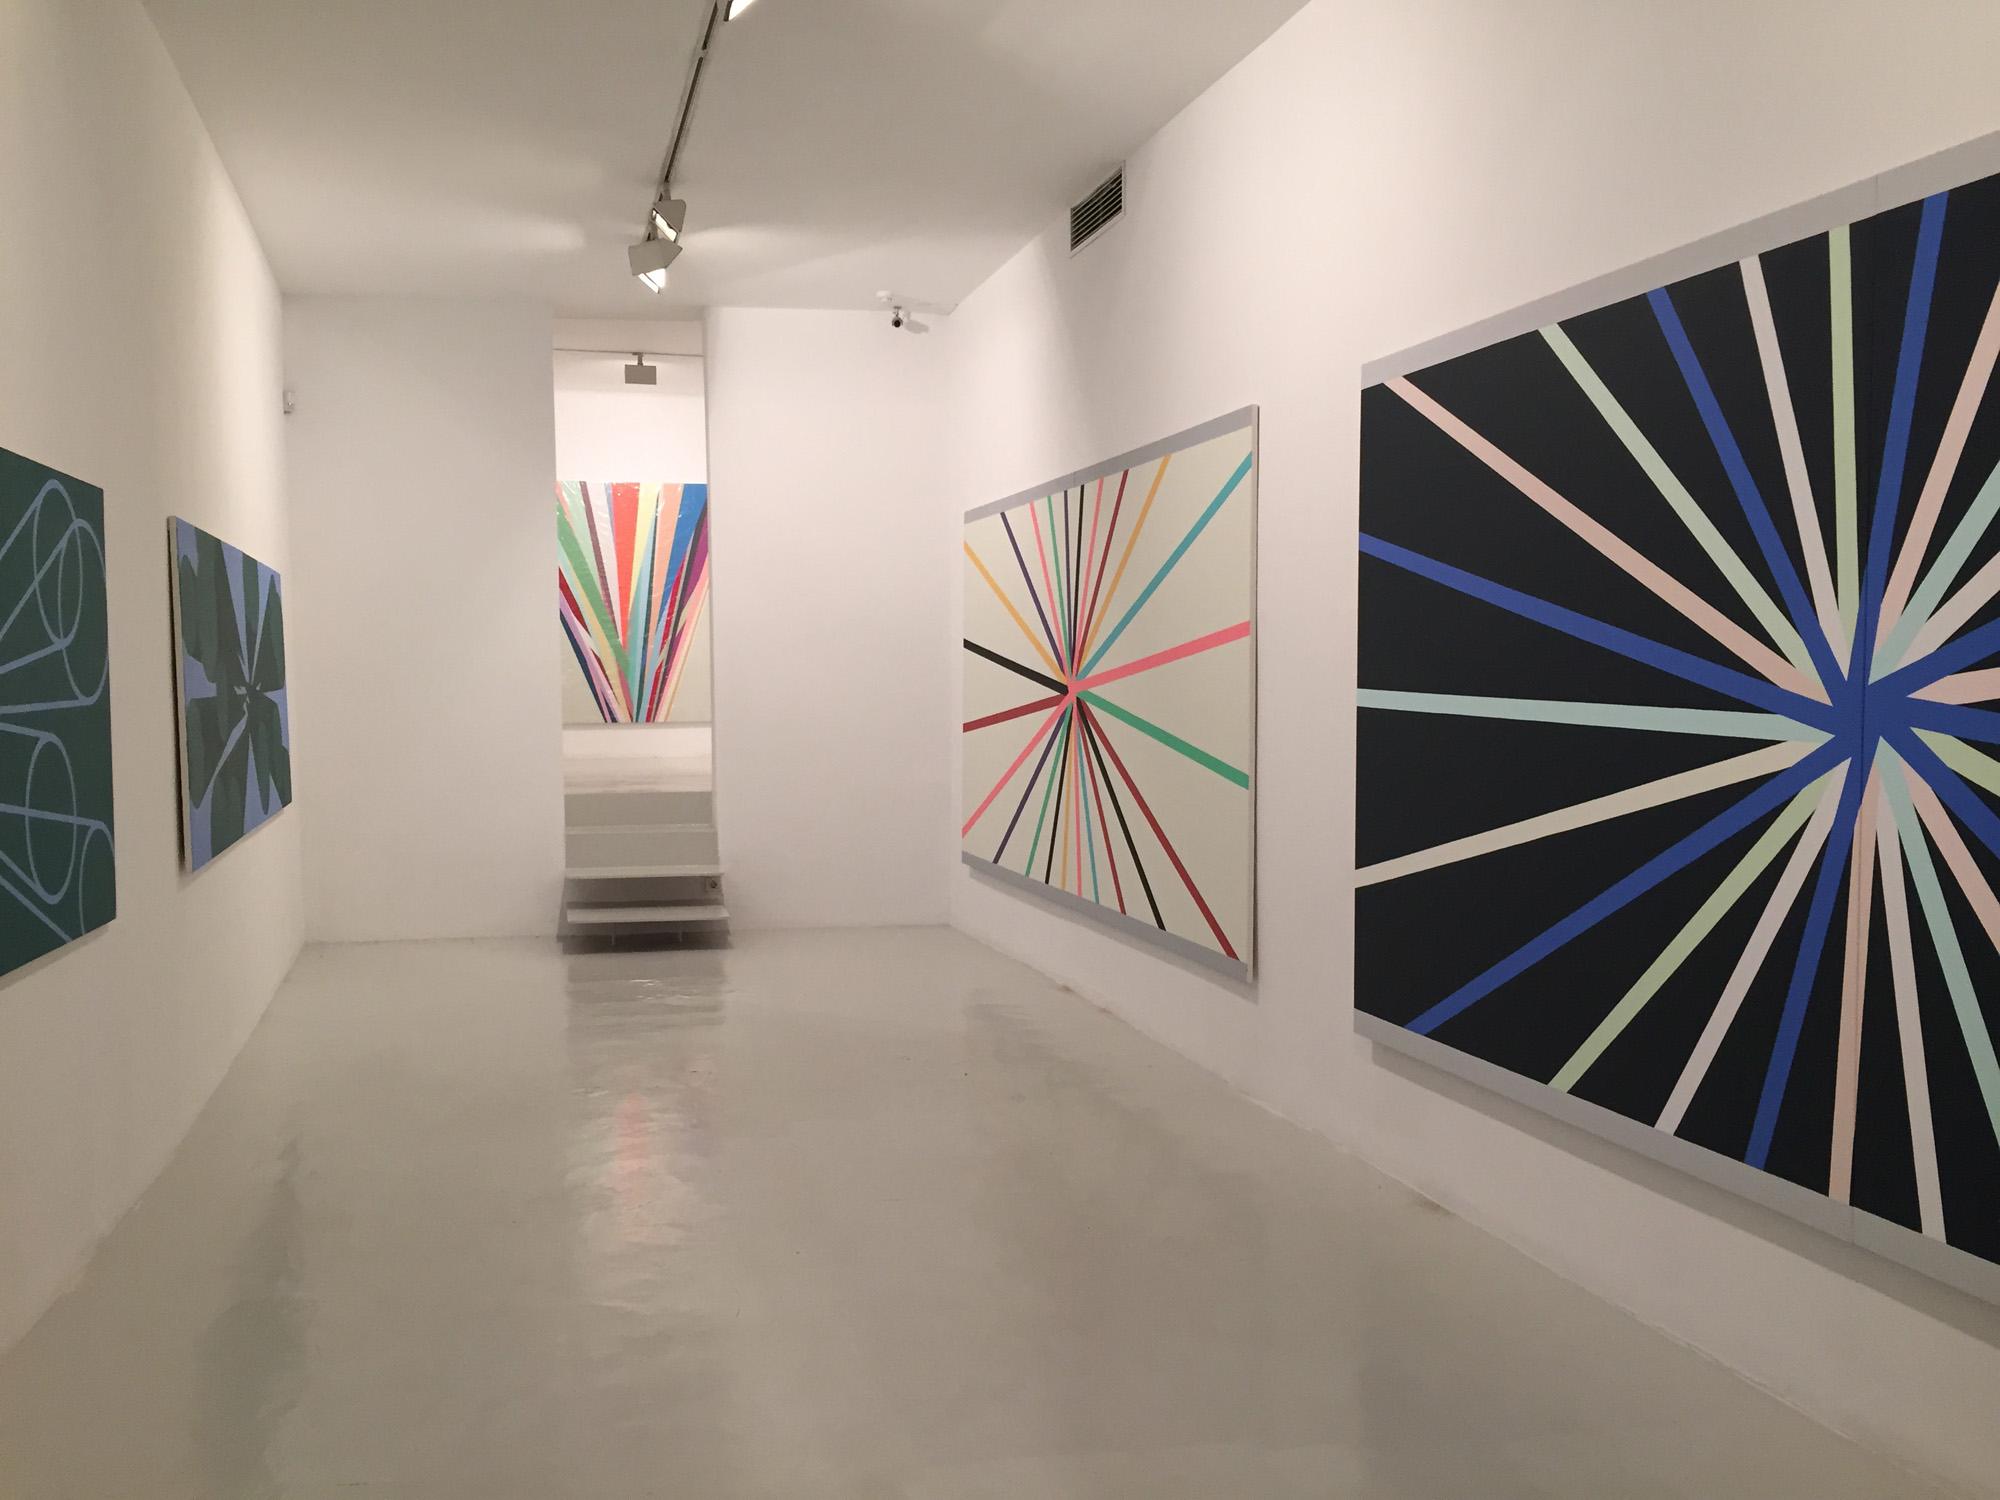 Exhibition view Memorias Imaginadas in the Galeria Maior Palma, 2016